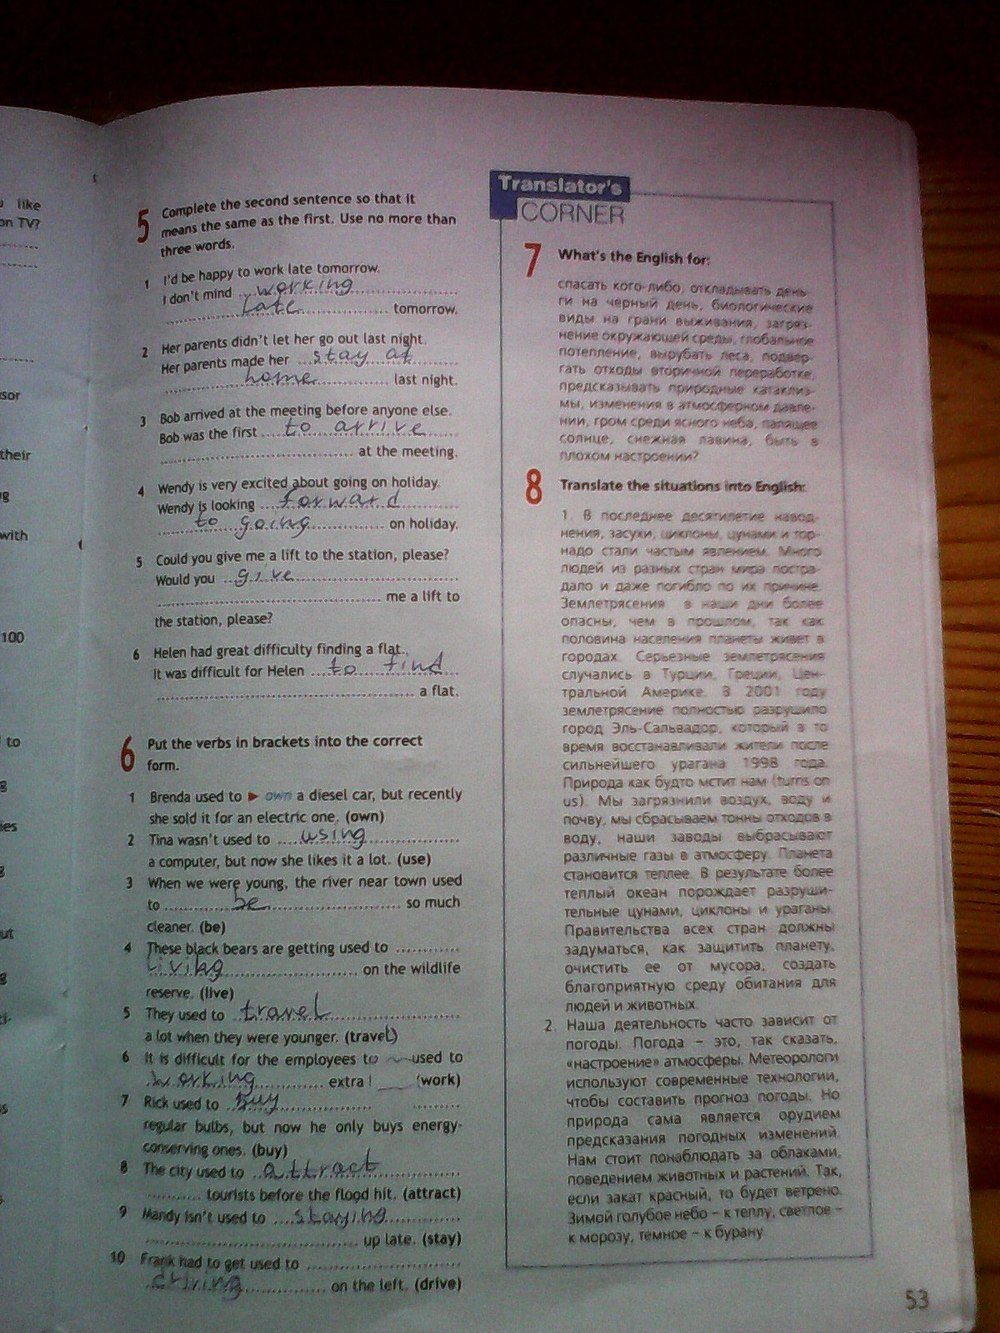 гдз по английскому языку рабочая тетрадь spotlight workbook ответы